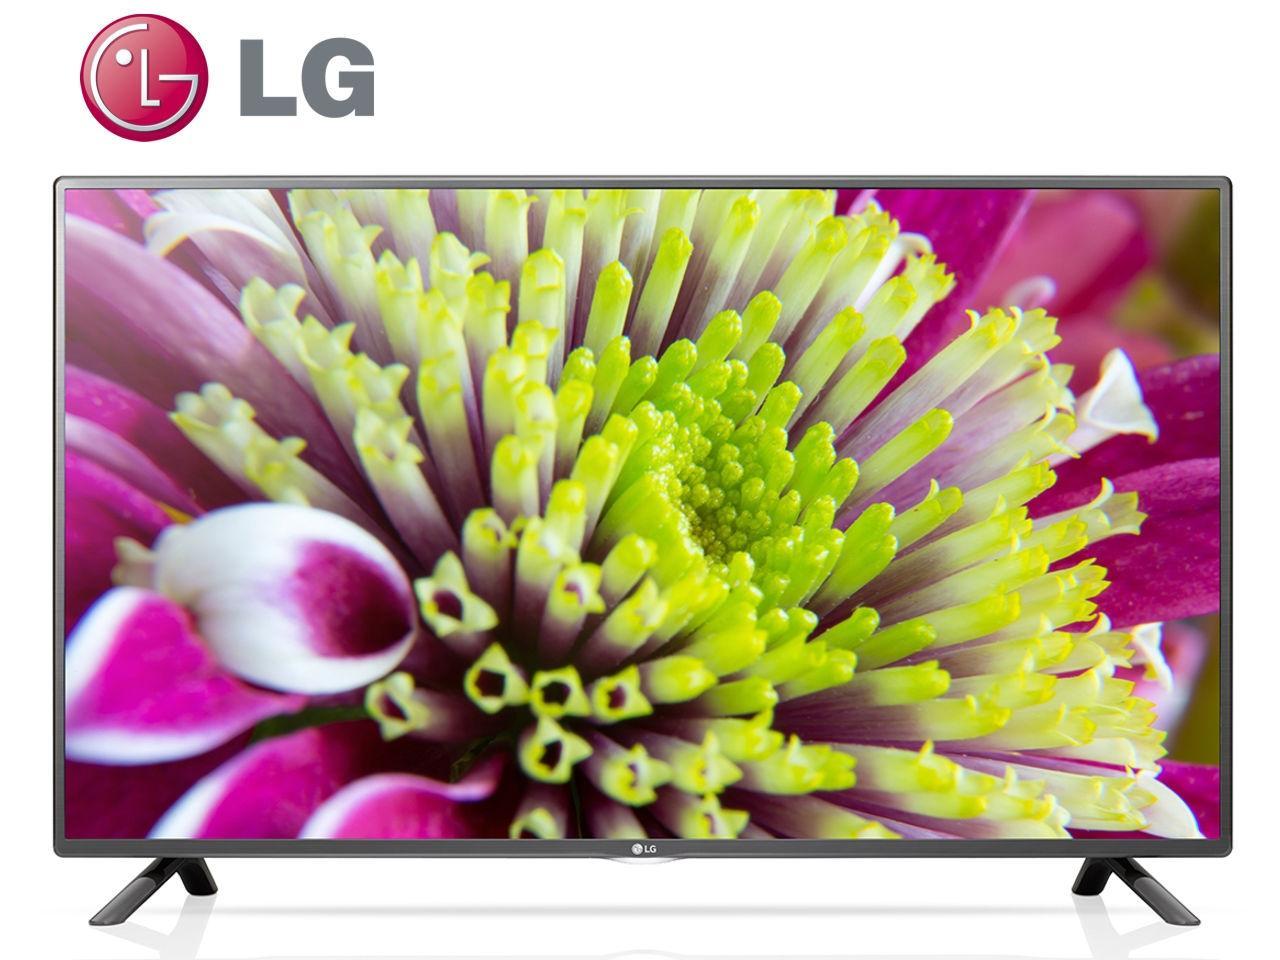 LG 50LF580V + 500 Kč na dárky nebo další nákup | CHAT on-line podpora PO-PÁ 8-22.00!!